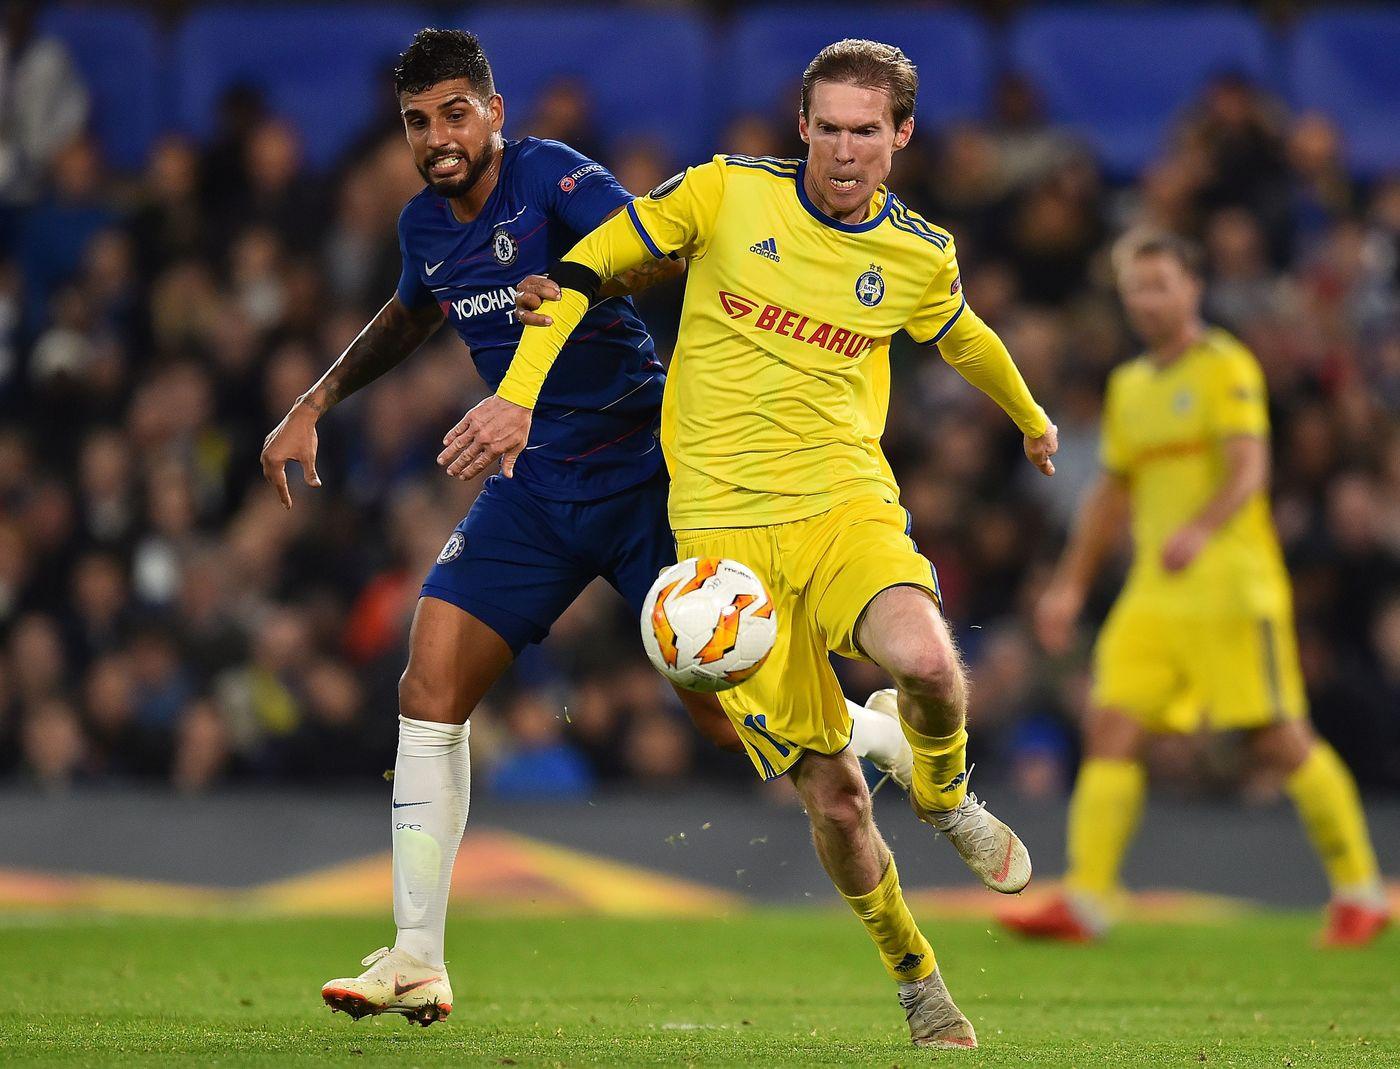 Mercato Juve 20 gennaio: i bianconeri sono interessati al terzino italo-brasiliano del Chelsea. Possibile scambio con Higuain.